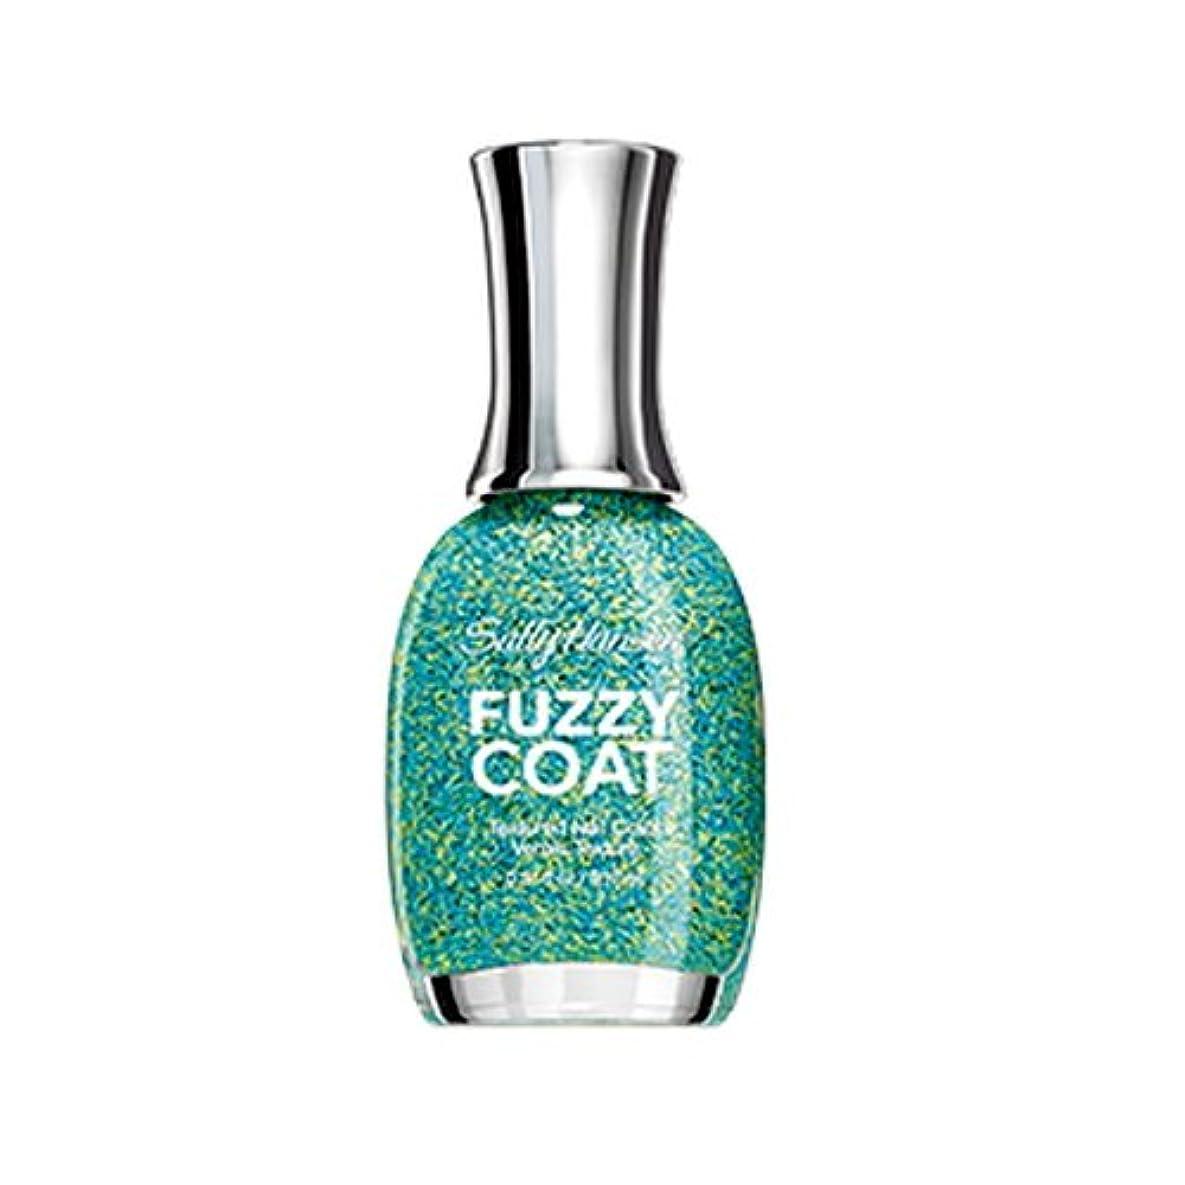 住む言うシャツSALLY HANSEN Fuzzy Coat Special Effect Textured Nail Color - Fuzz-Sea (並行輸入品)